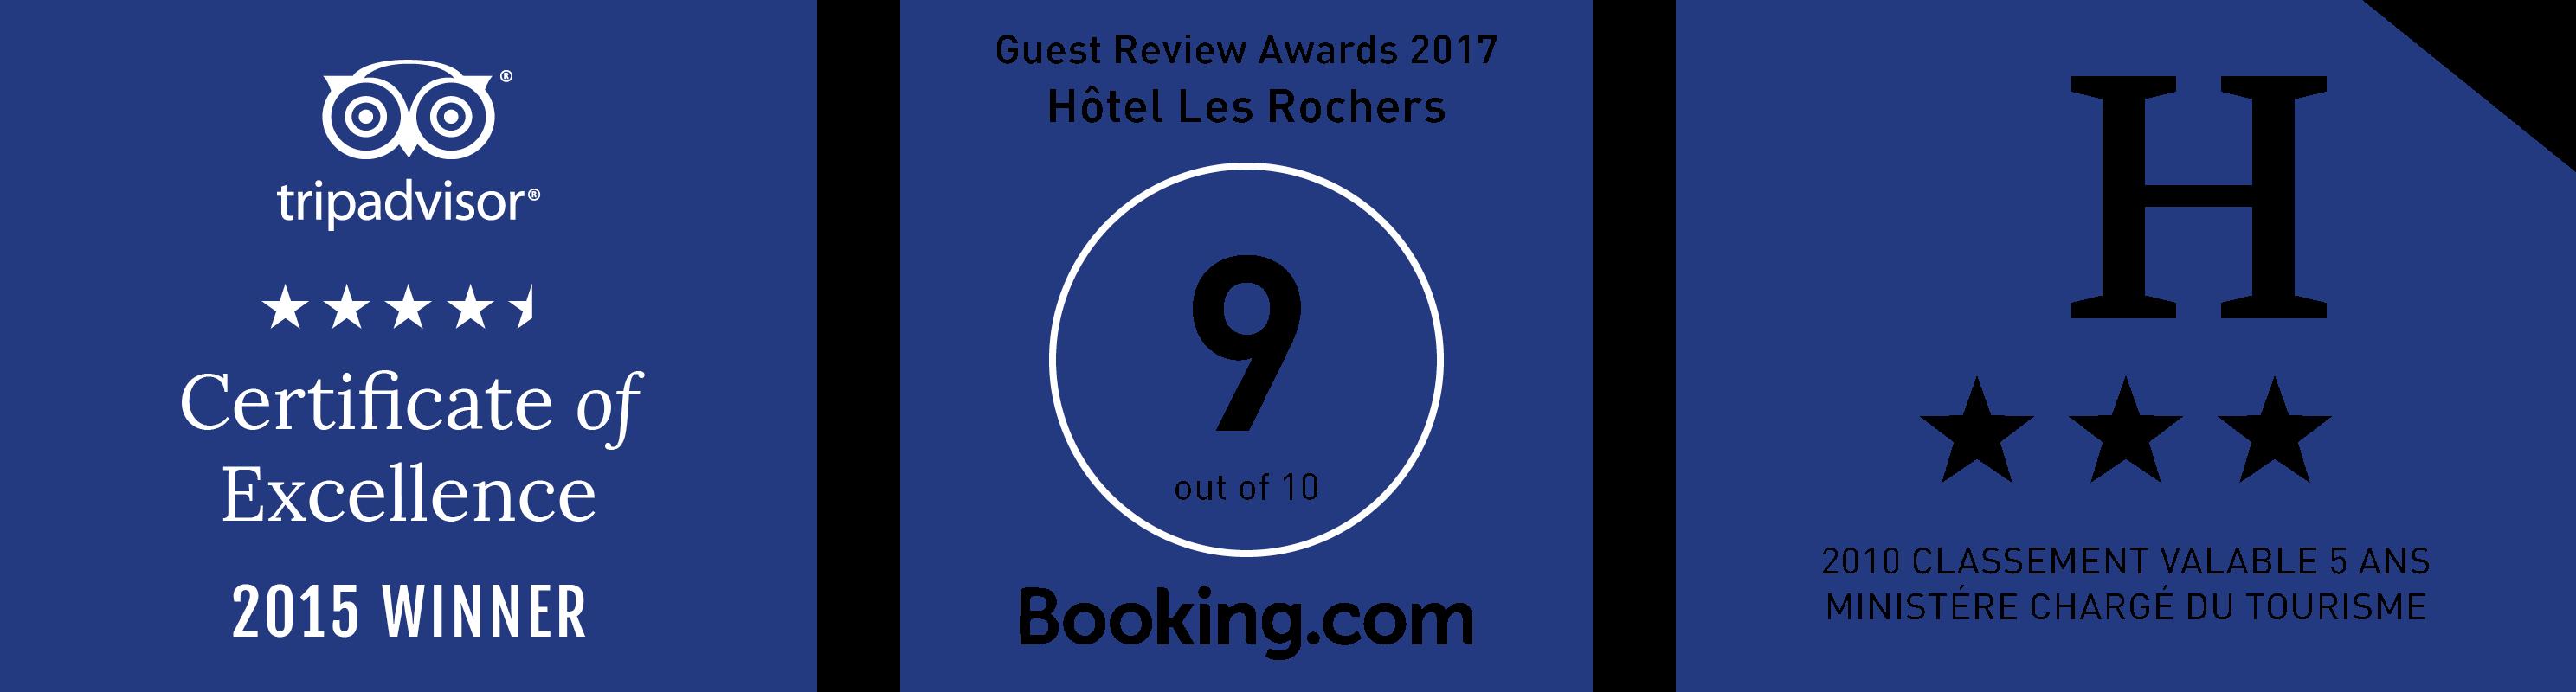 Hôtel les Rochers Ratings